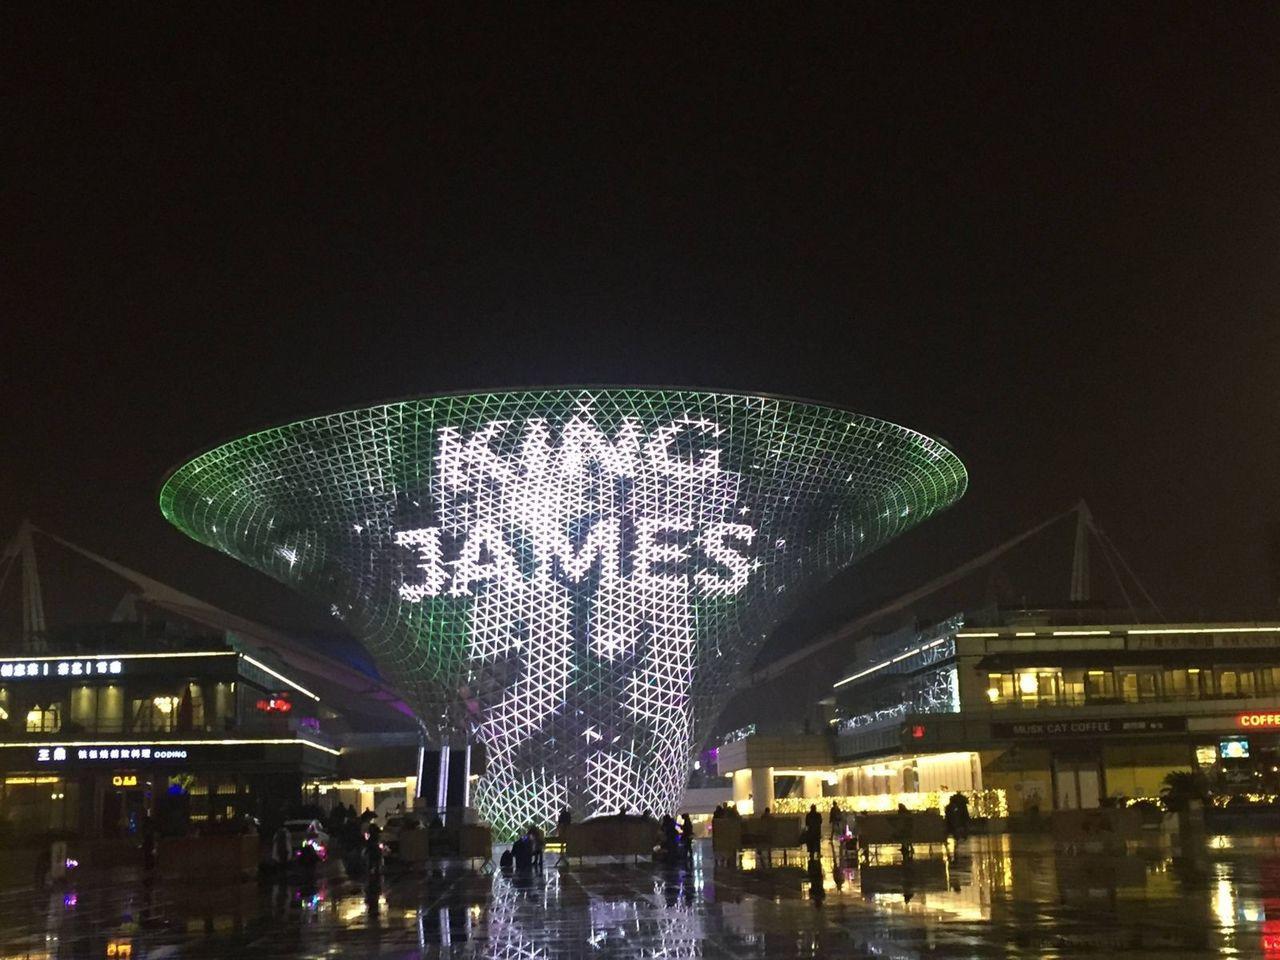 上海世博燈光秀祝詹皇生日快樂。 擷圖自網路